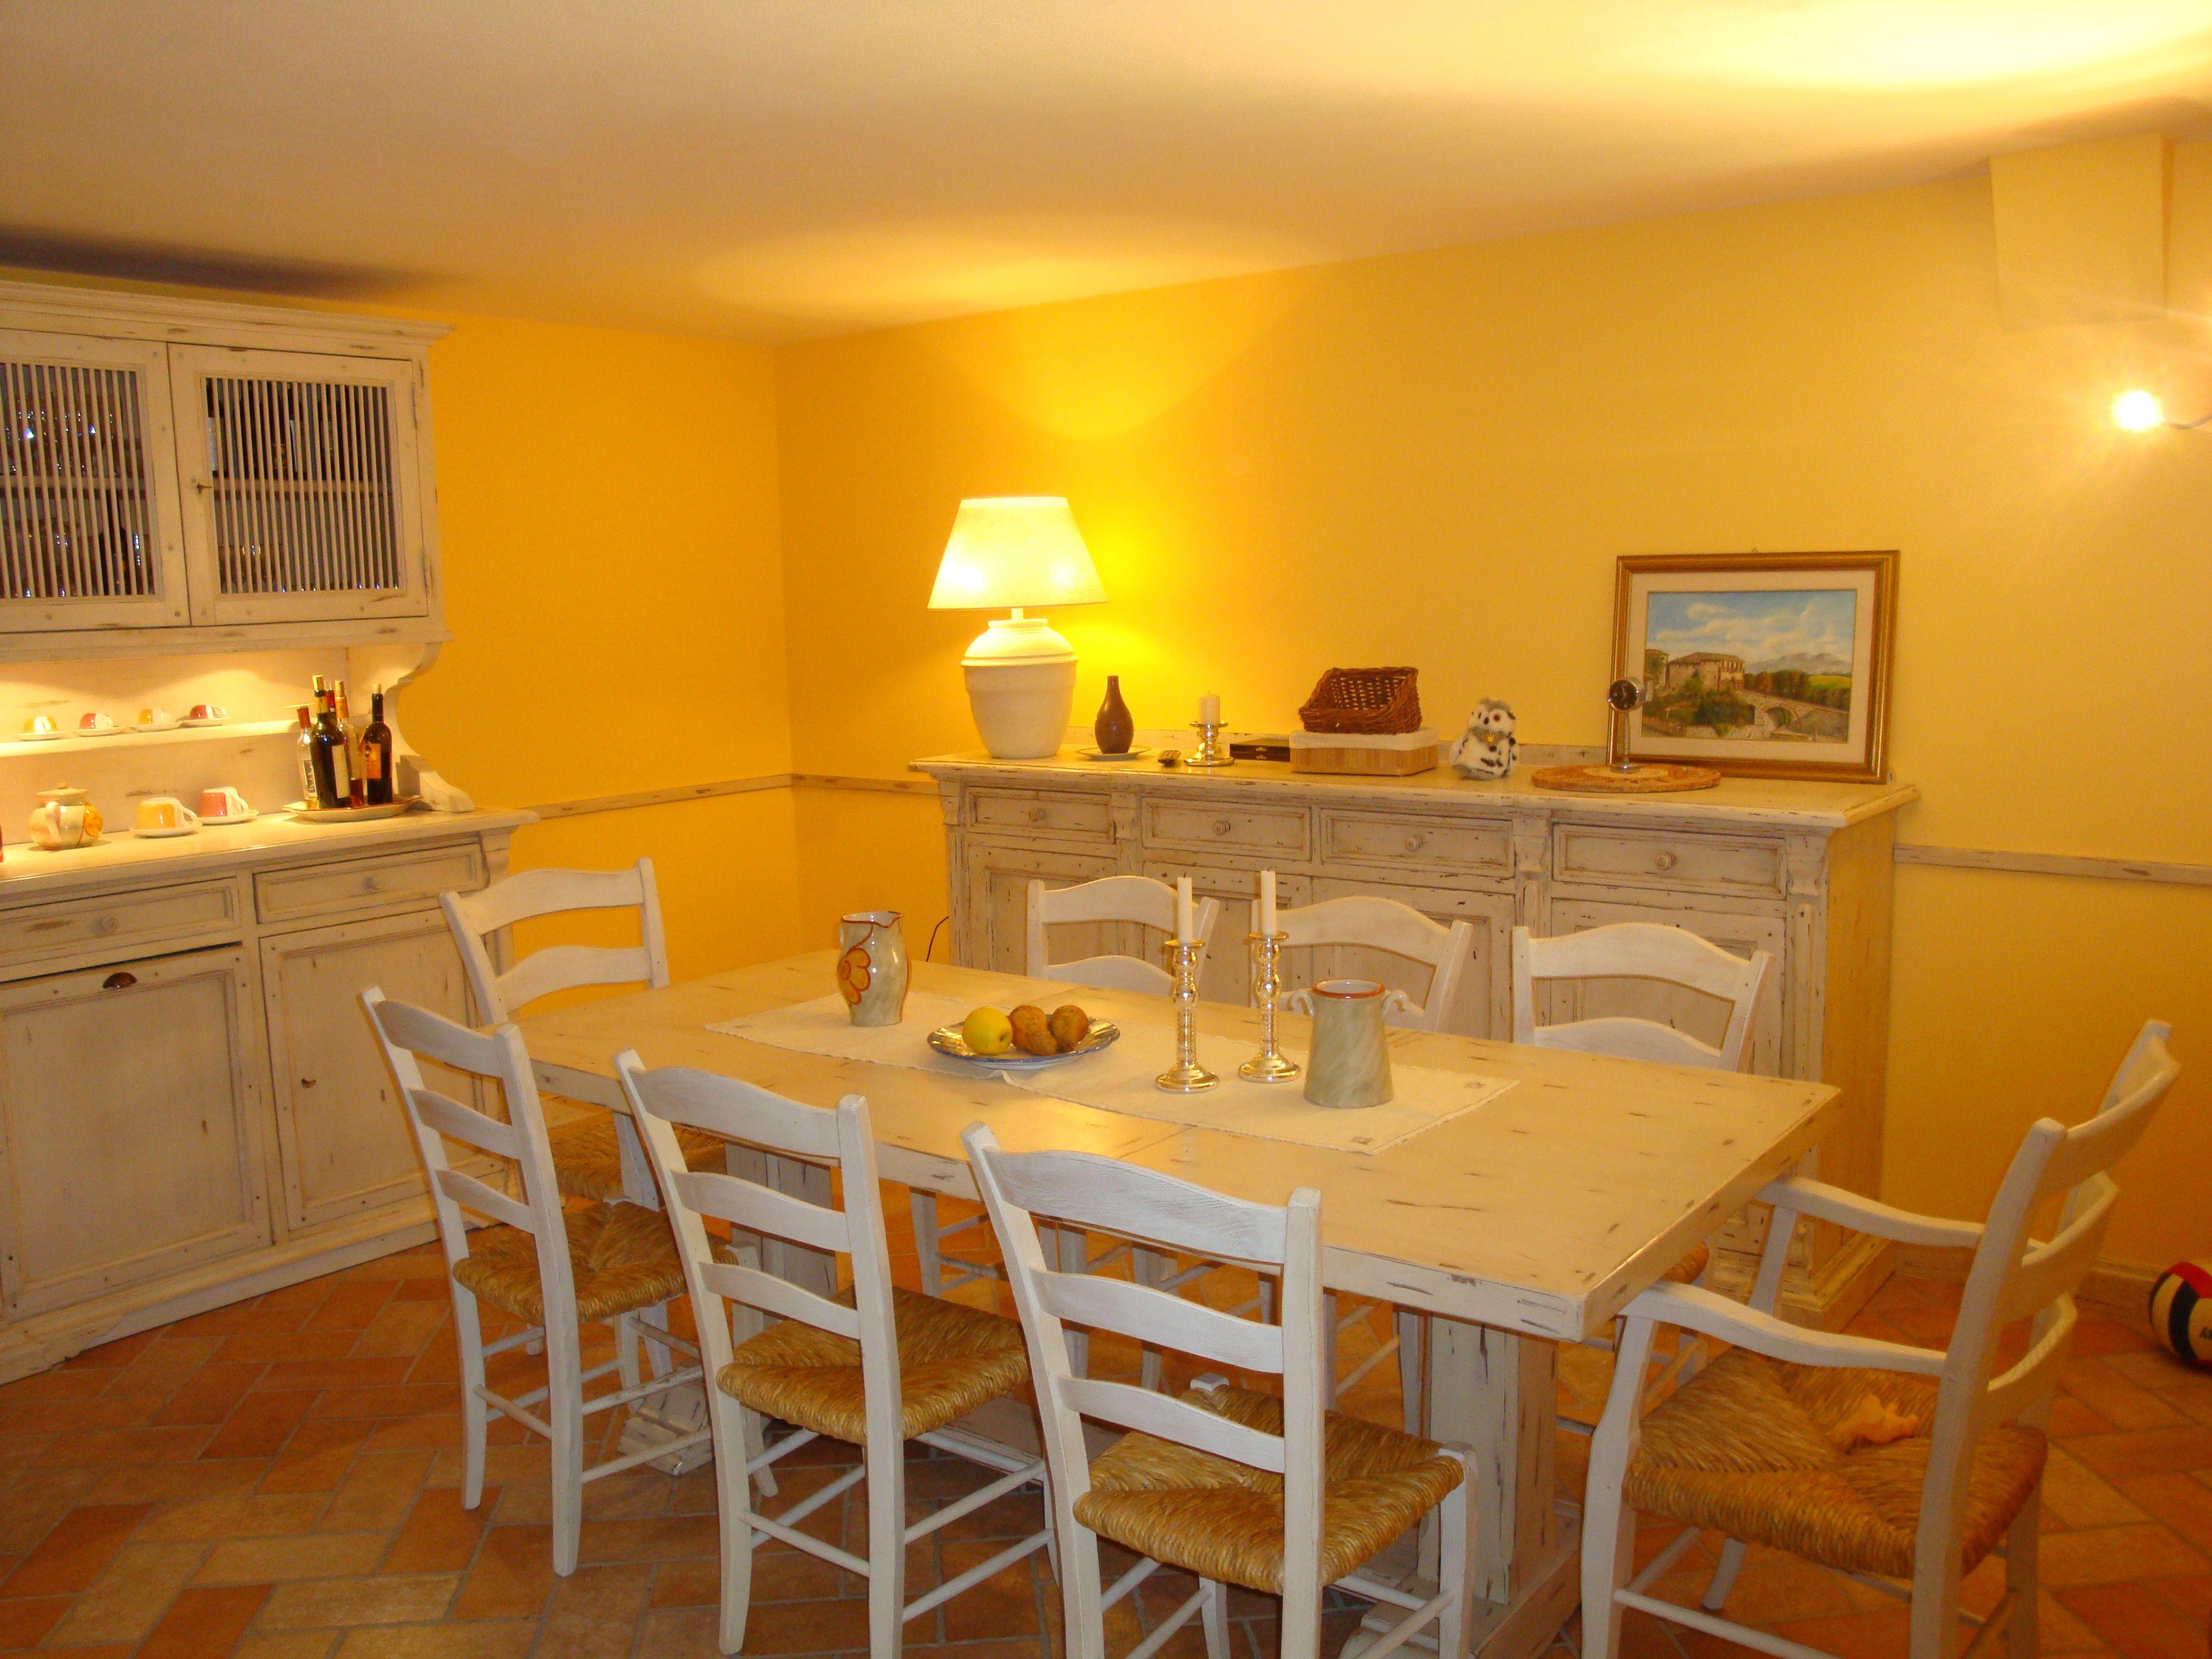 Tinte pareti quali colori scegliere immagine 321832 bigodino - Cucina birichina quarto ...